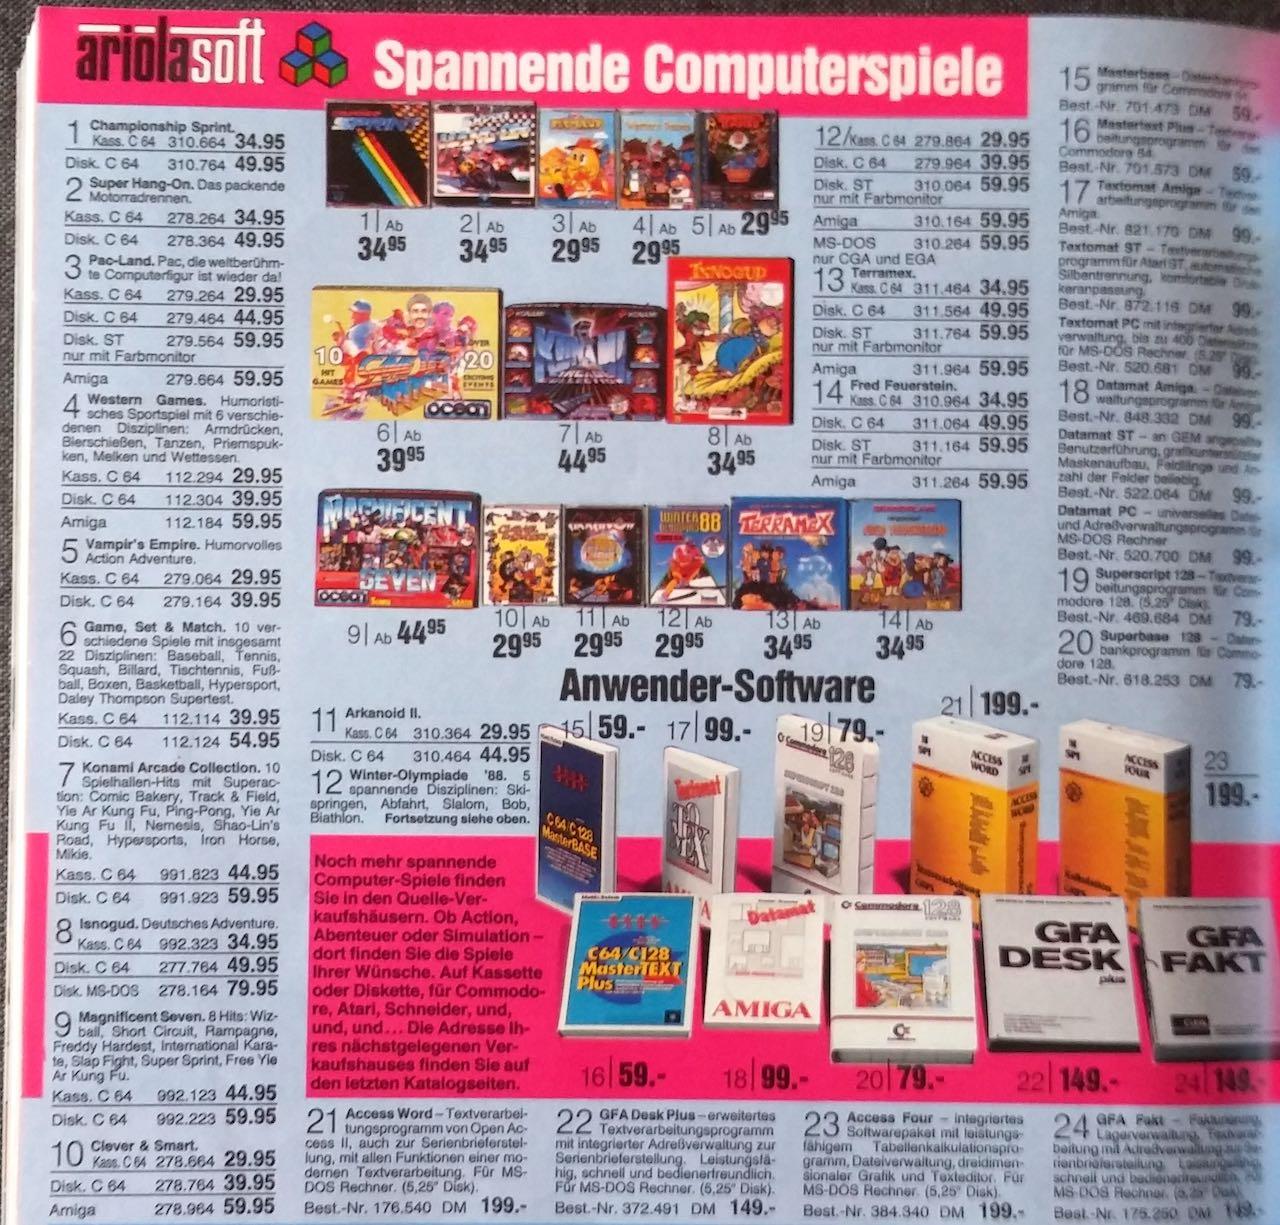 Werbung für Ariola-Spiele in einem OTTO-Katalog der 80er Jahre. (Bild: Christian Klein, www.thelegacy.de)